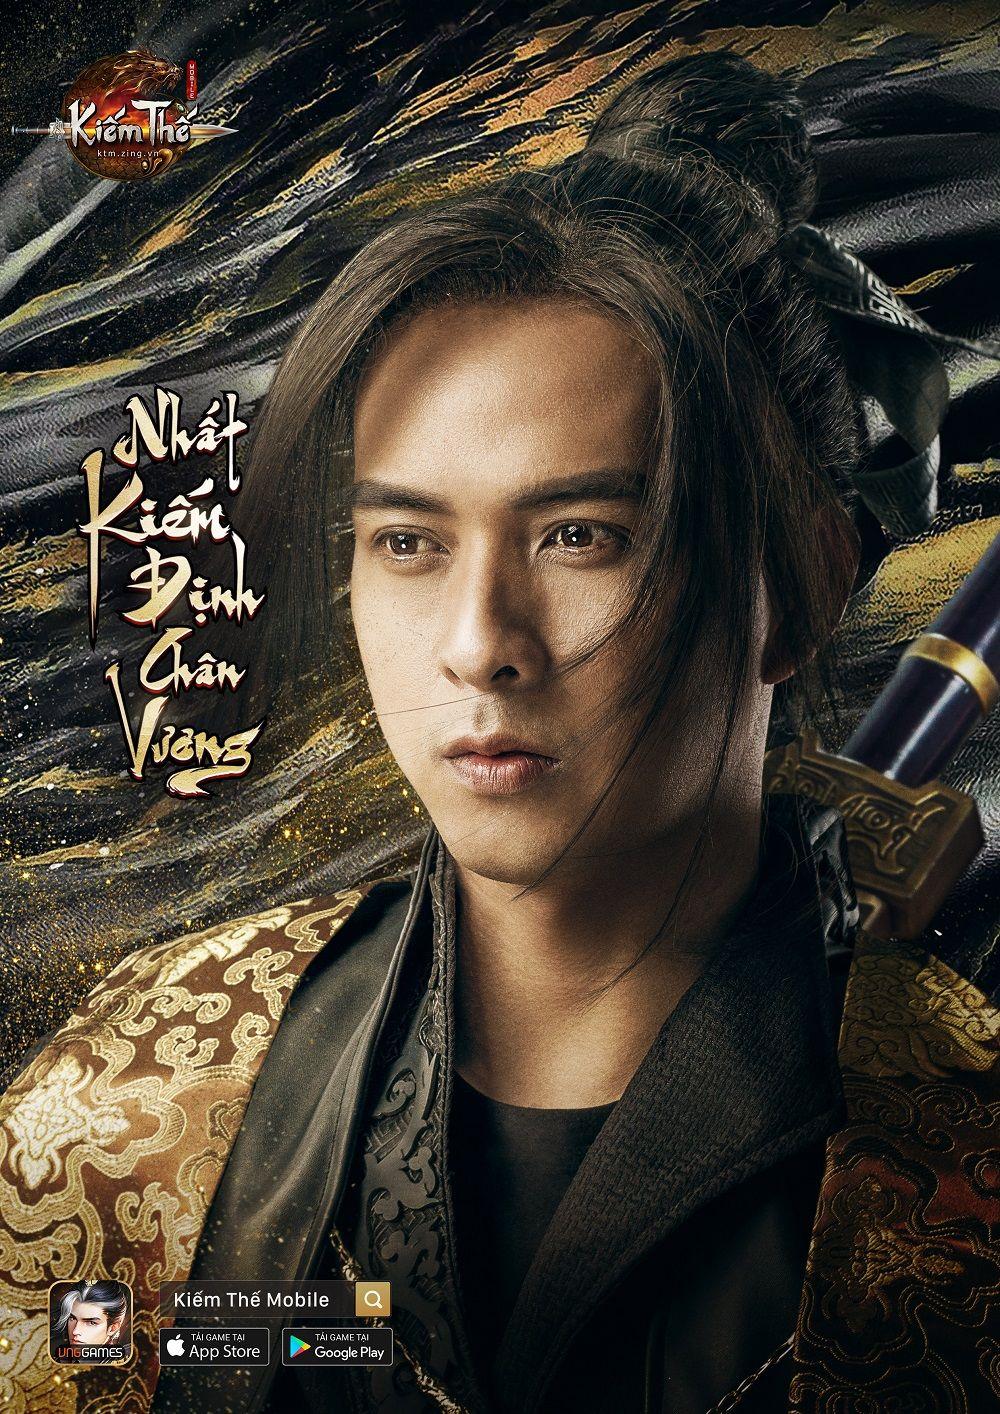 Nhắc đến thế giới kiếm hiệp cổ trang, người ta hay liên tưởng đến những bộ truyện kiếm hiệp Kim Dung - với những anh hùng hảo hán hiên ngang, khí khái.